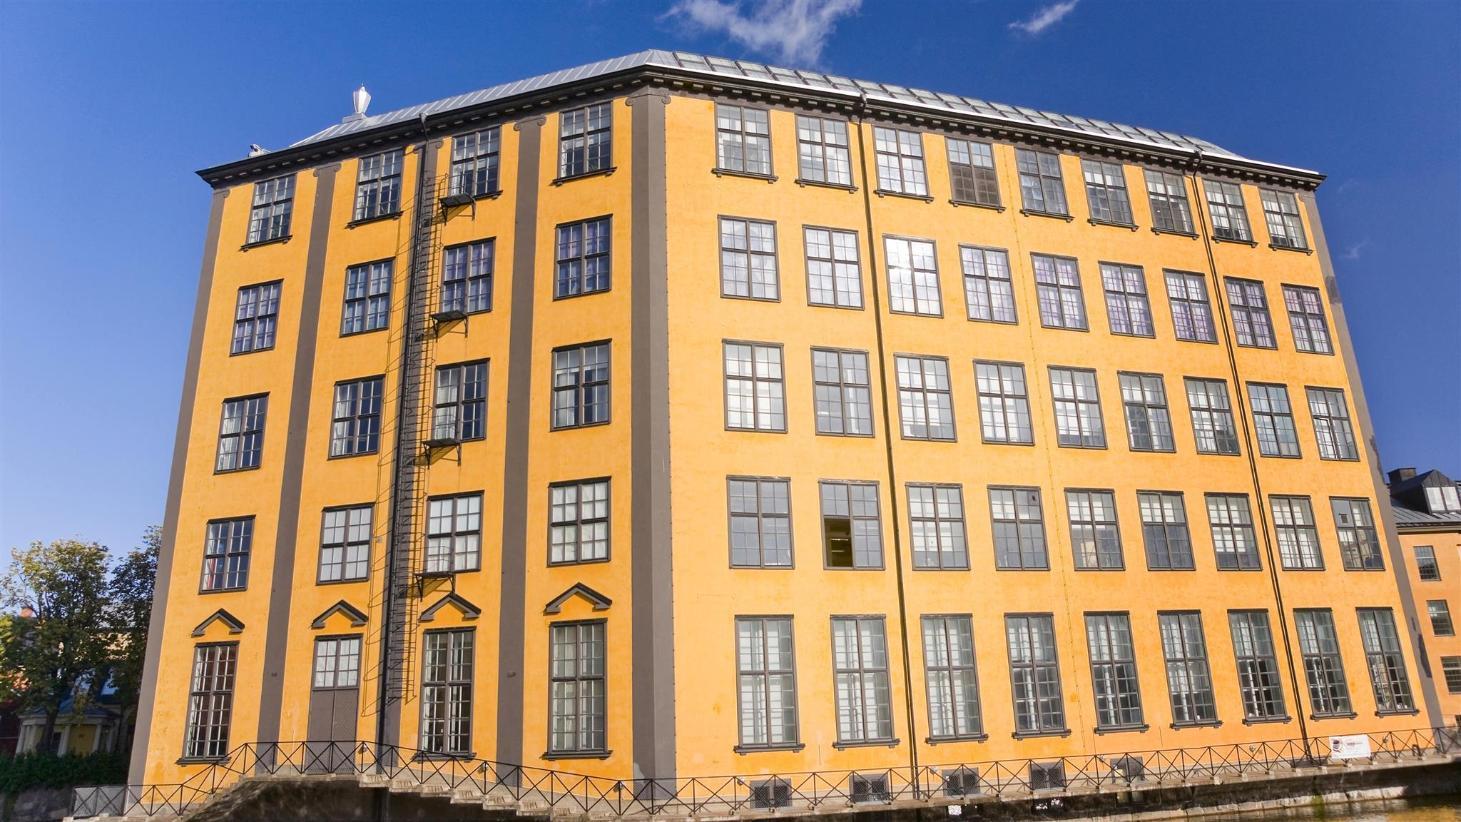 b33bae128 فنادق نورشوبينج السويد حجز فنادق شقق فلل في نورشوبينج اجودا